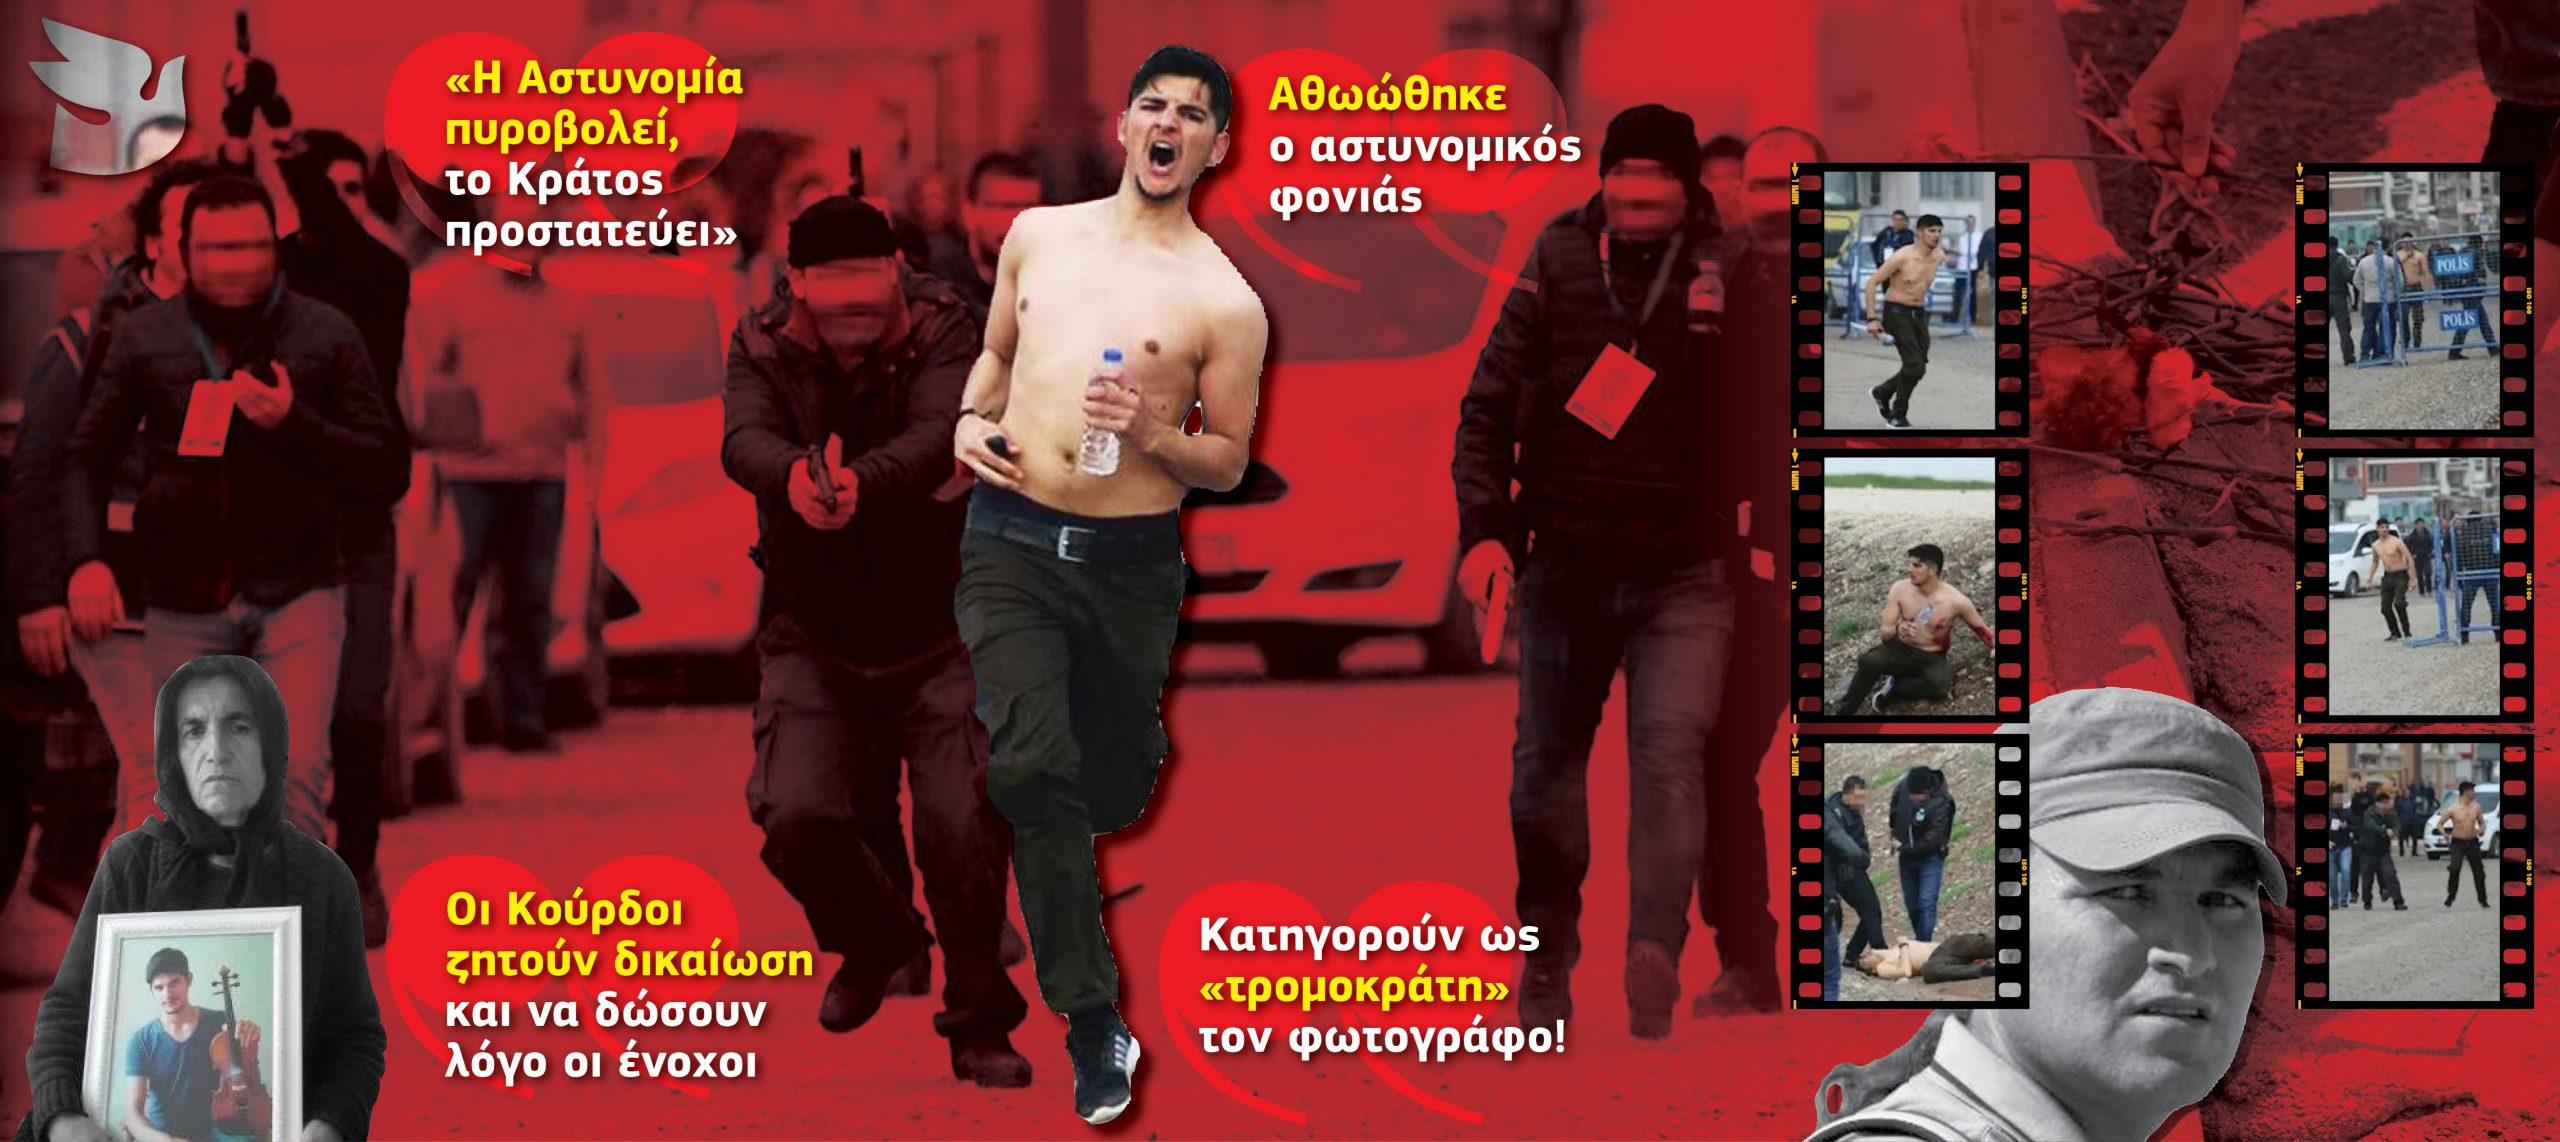 Κρατική τρομοκρατία στην Τουρκία: Αθωώθηκε ο αστυνομικός φονιάς νεαρού Κούρδου, βάφτισαν «τρομοκράτη» τον φωτογράφο